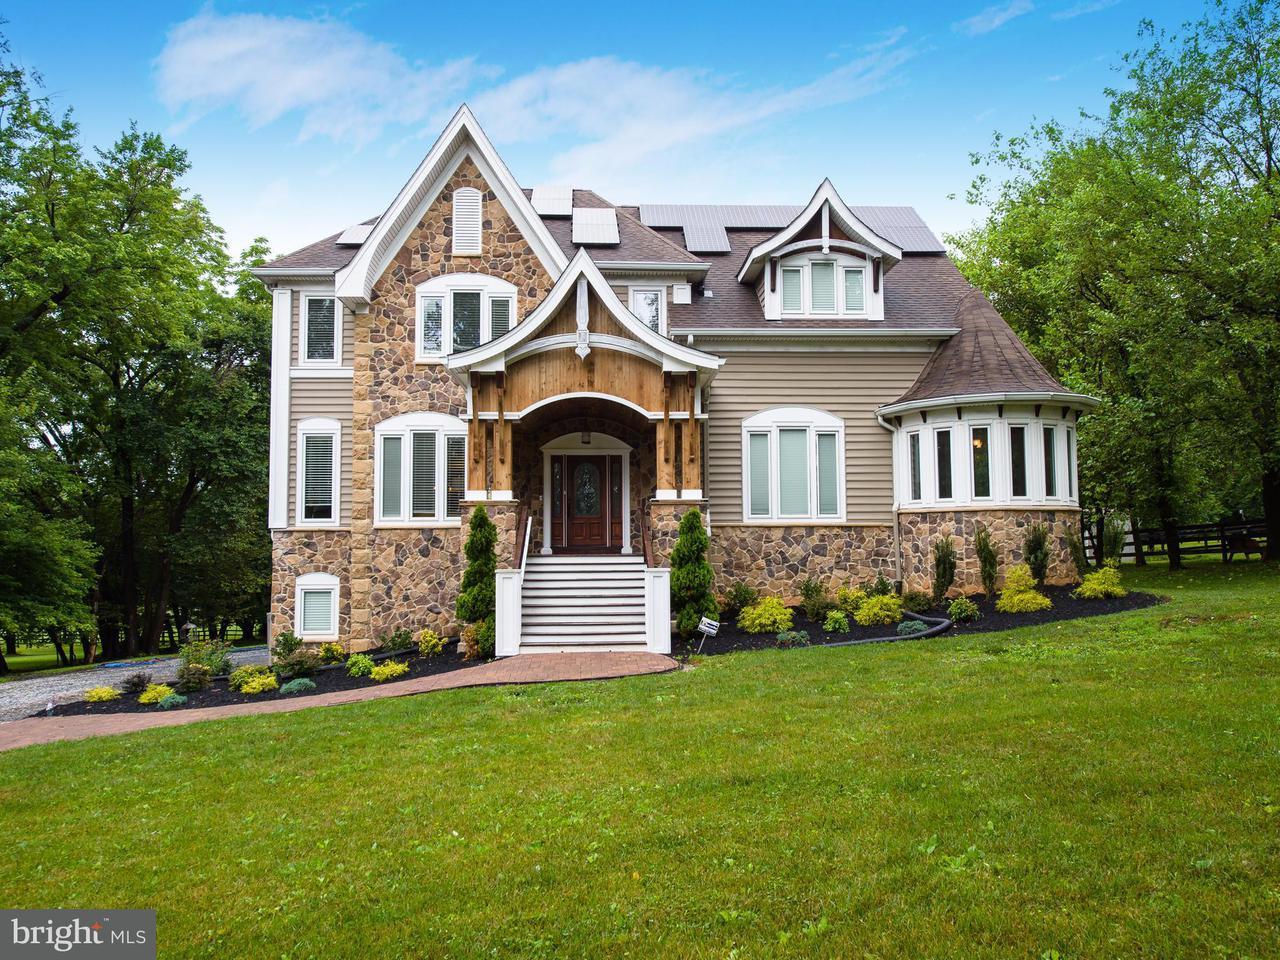 独户住宅 为 销售 在 14910 BUSHY PARK Road 14910 BUSHY PARK Road Woodbine, 马里兰州 21797 美国